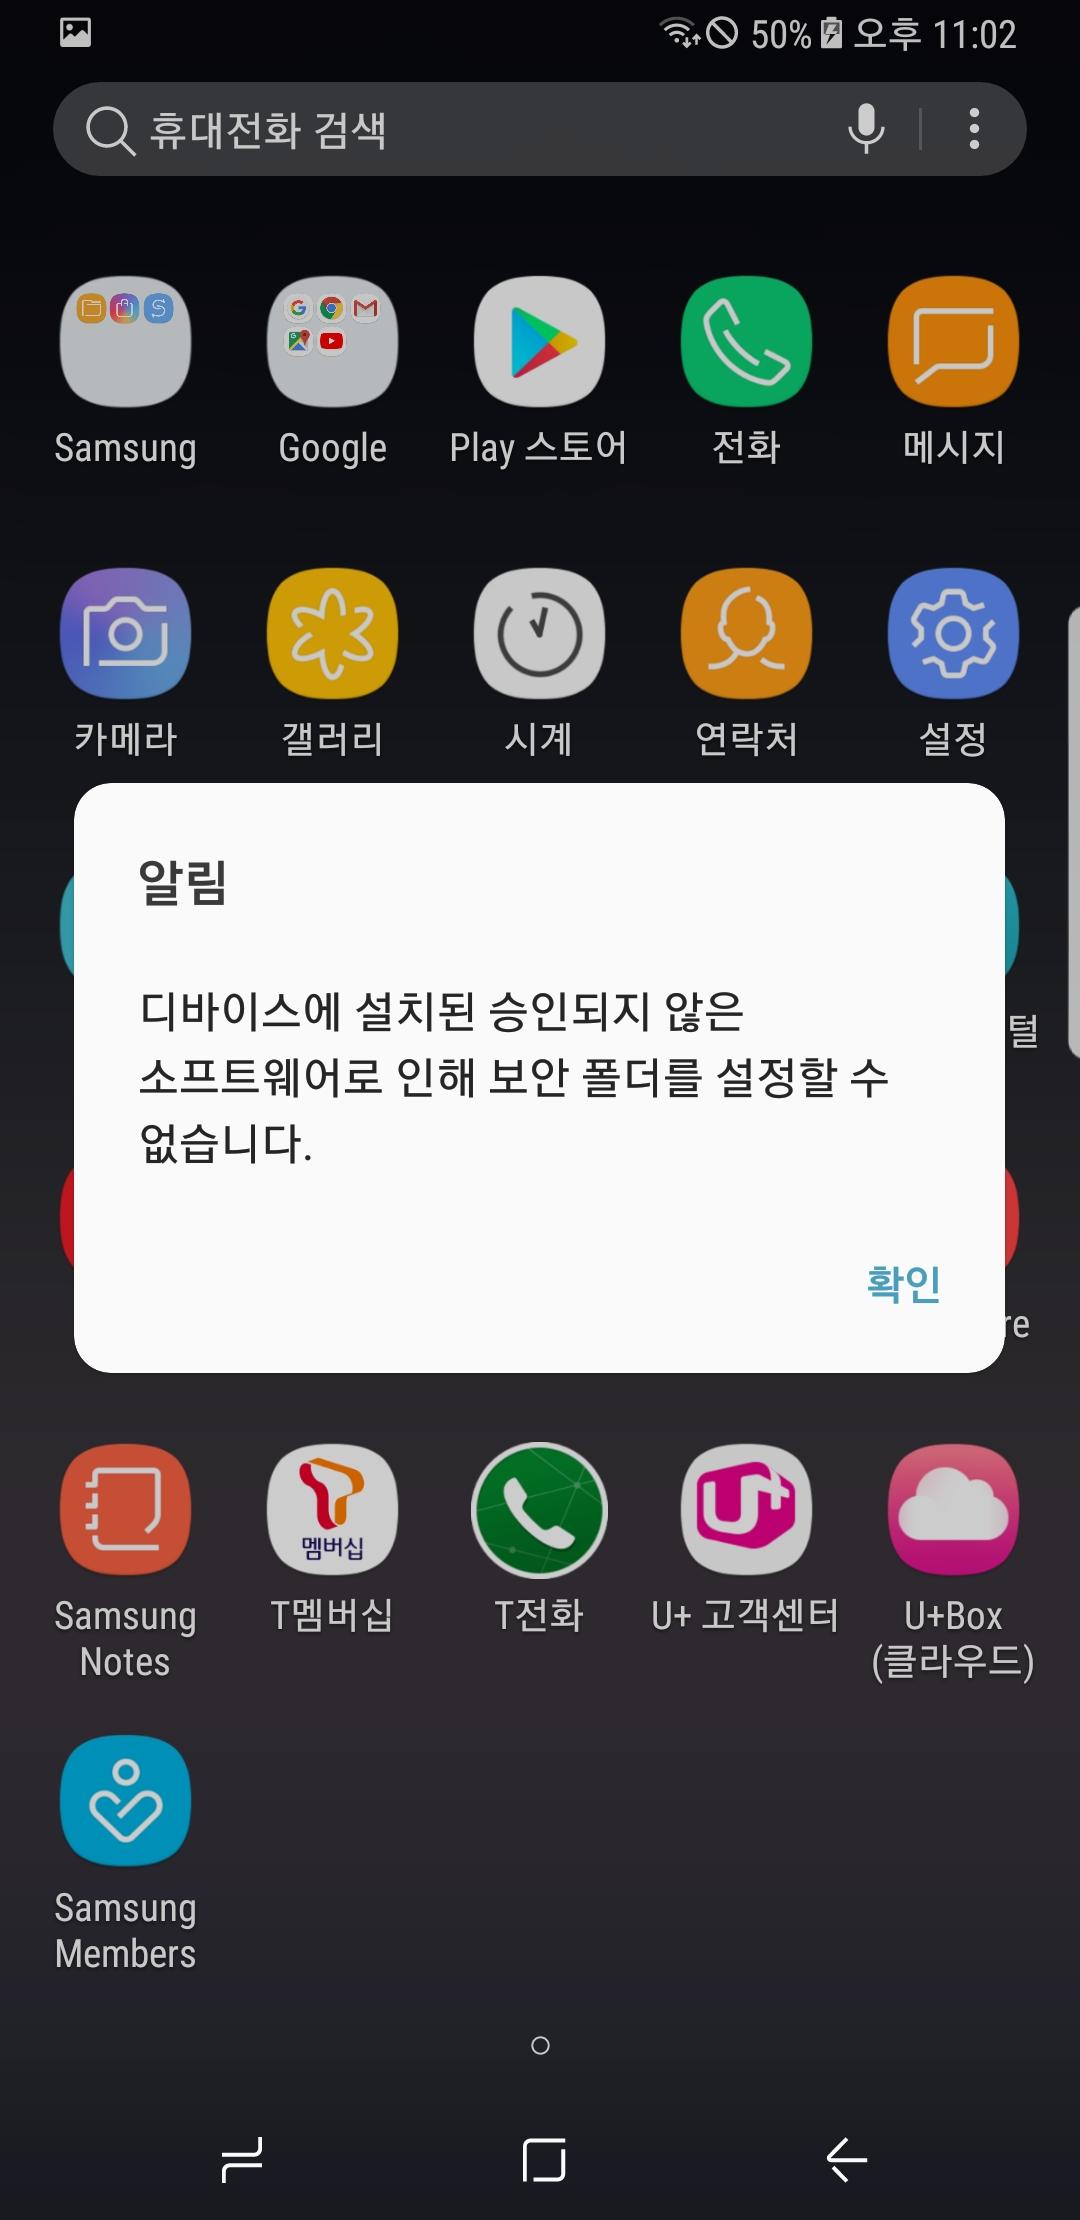 Screenshot_20180211-230220.jpg